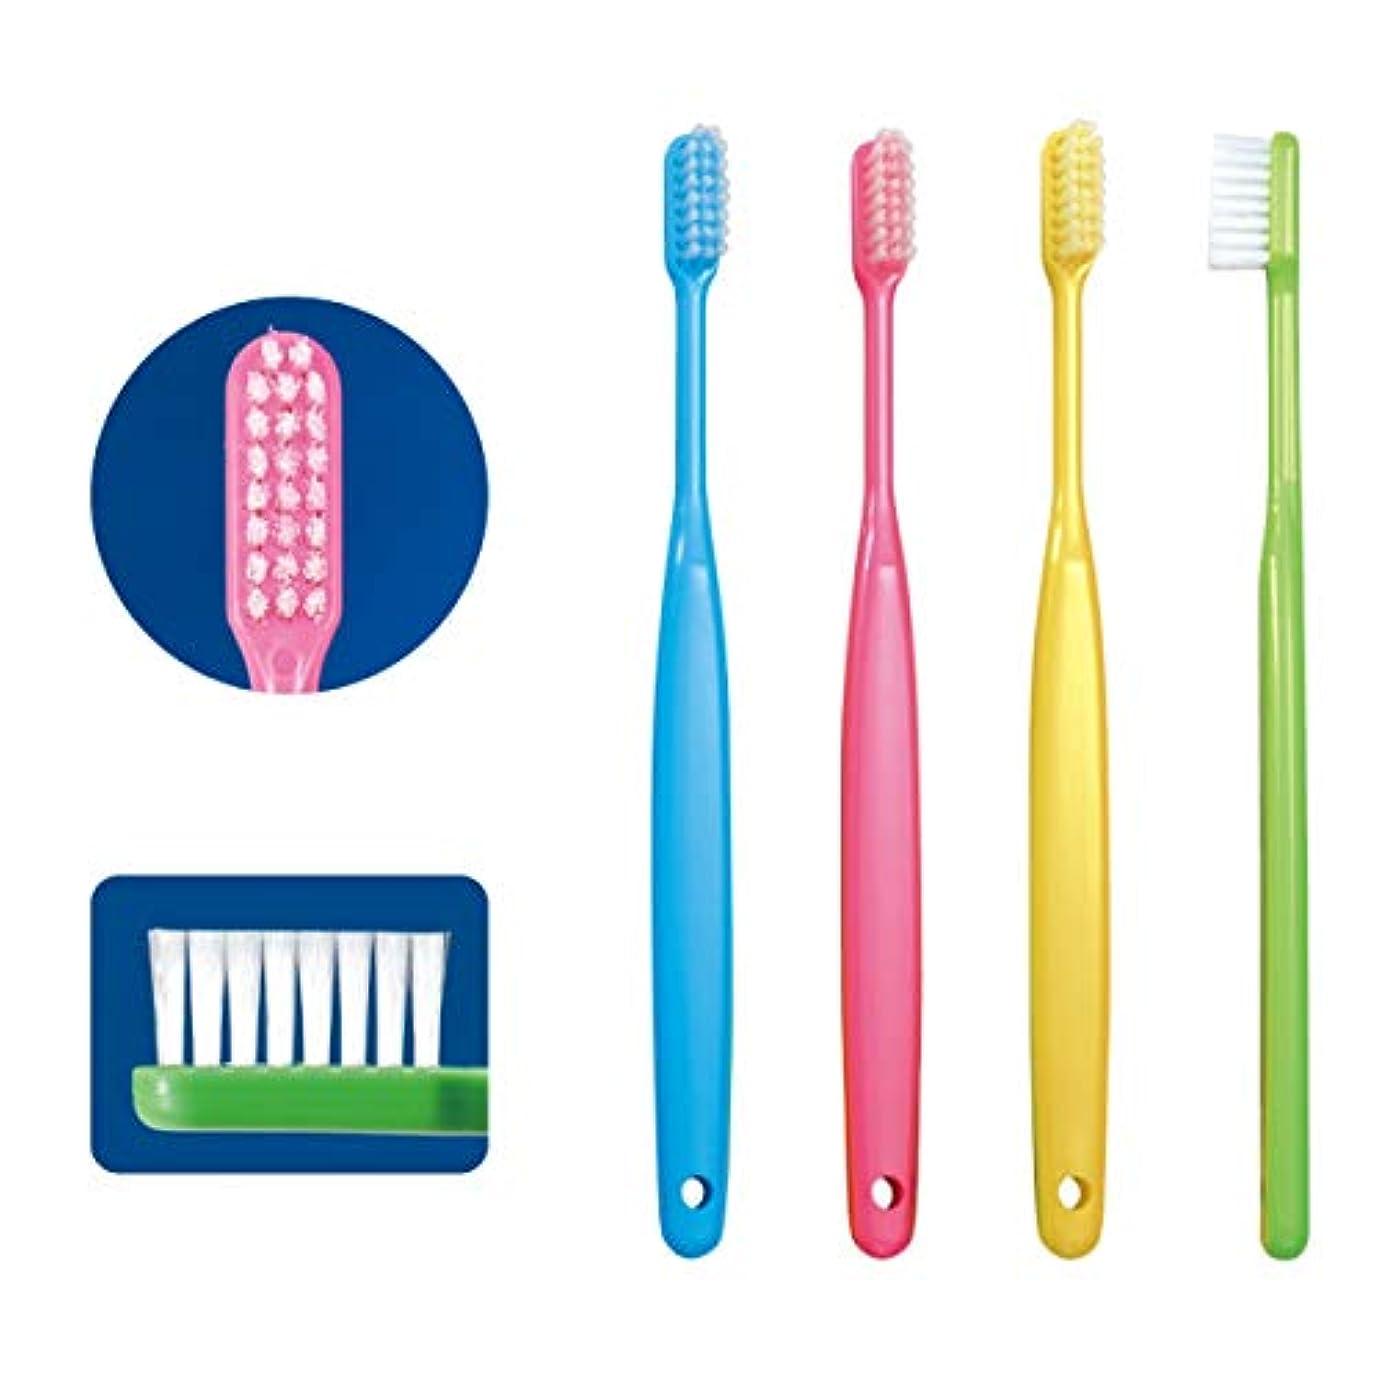 パッチ援助知っているに立ち寄るCi バリュー 歯ブラシ 1本 S(やわらかめ) 歯科専売品